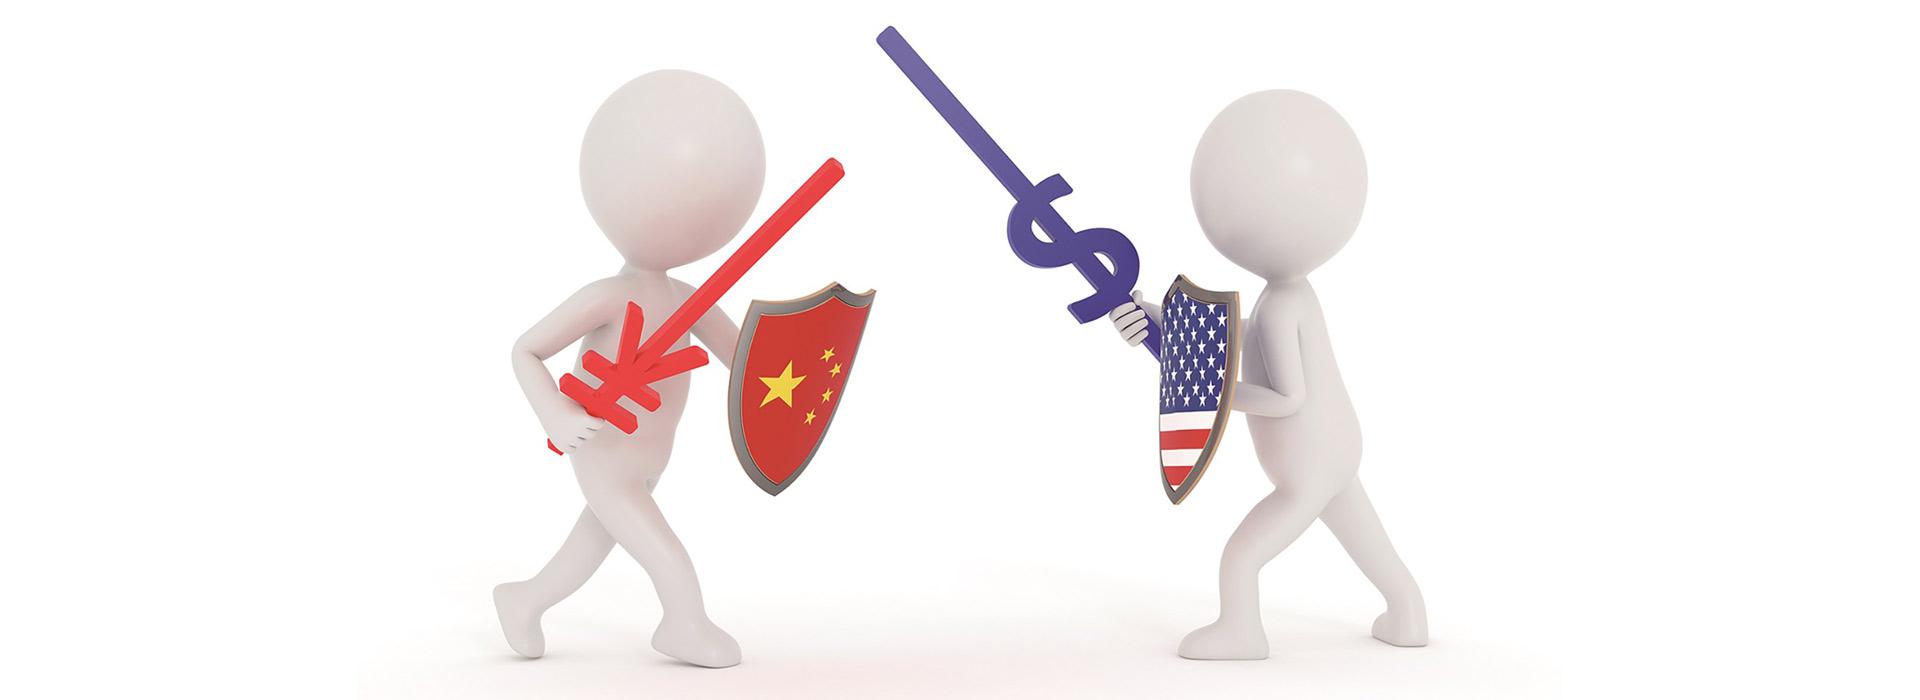 兩大之間難為小  台灣應做「金融漢光演習」